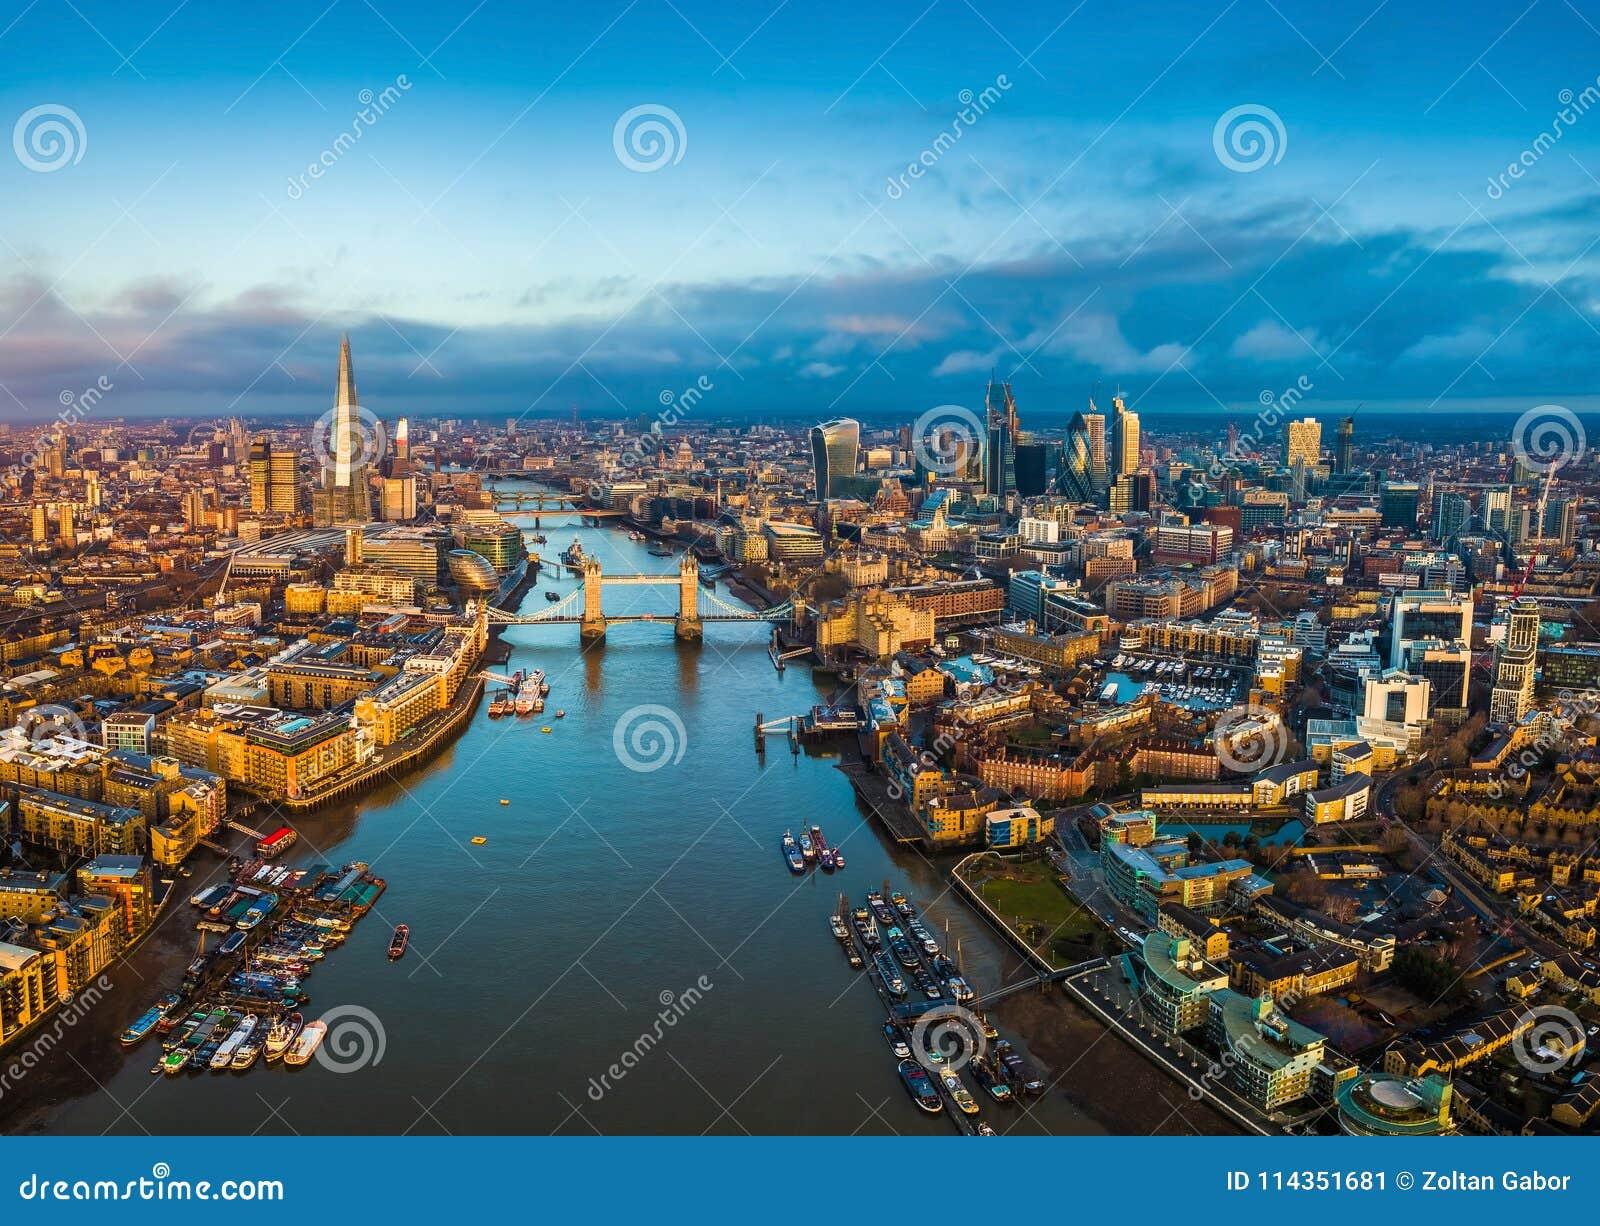 Лондон, Англия - панорамный воздушный взгляд горизонта Лондона включая мост башни с красным двухэтажным автобусом